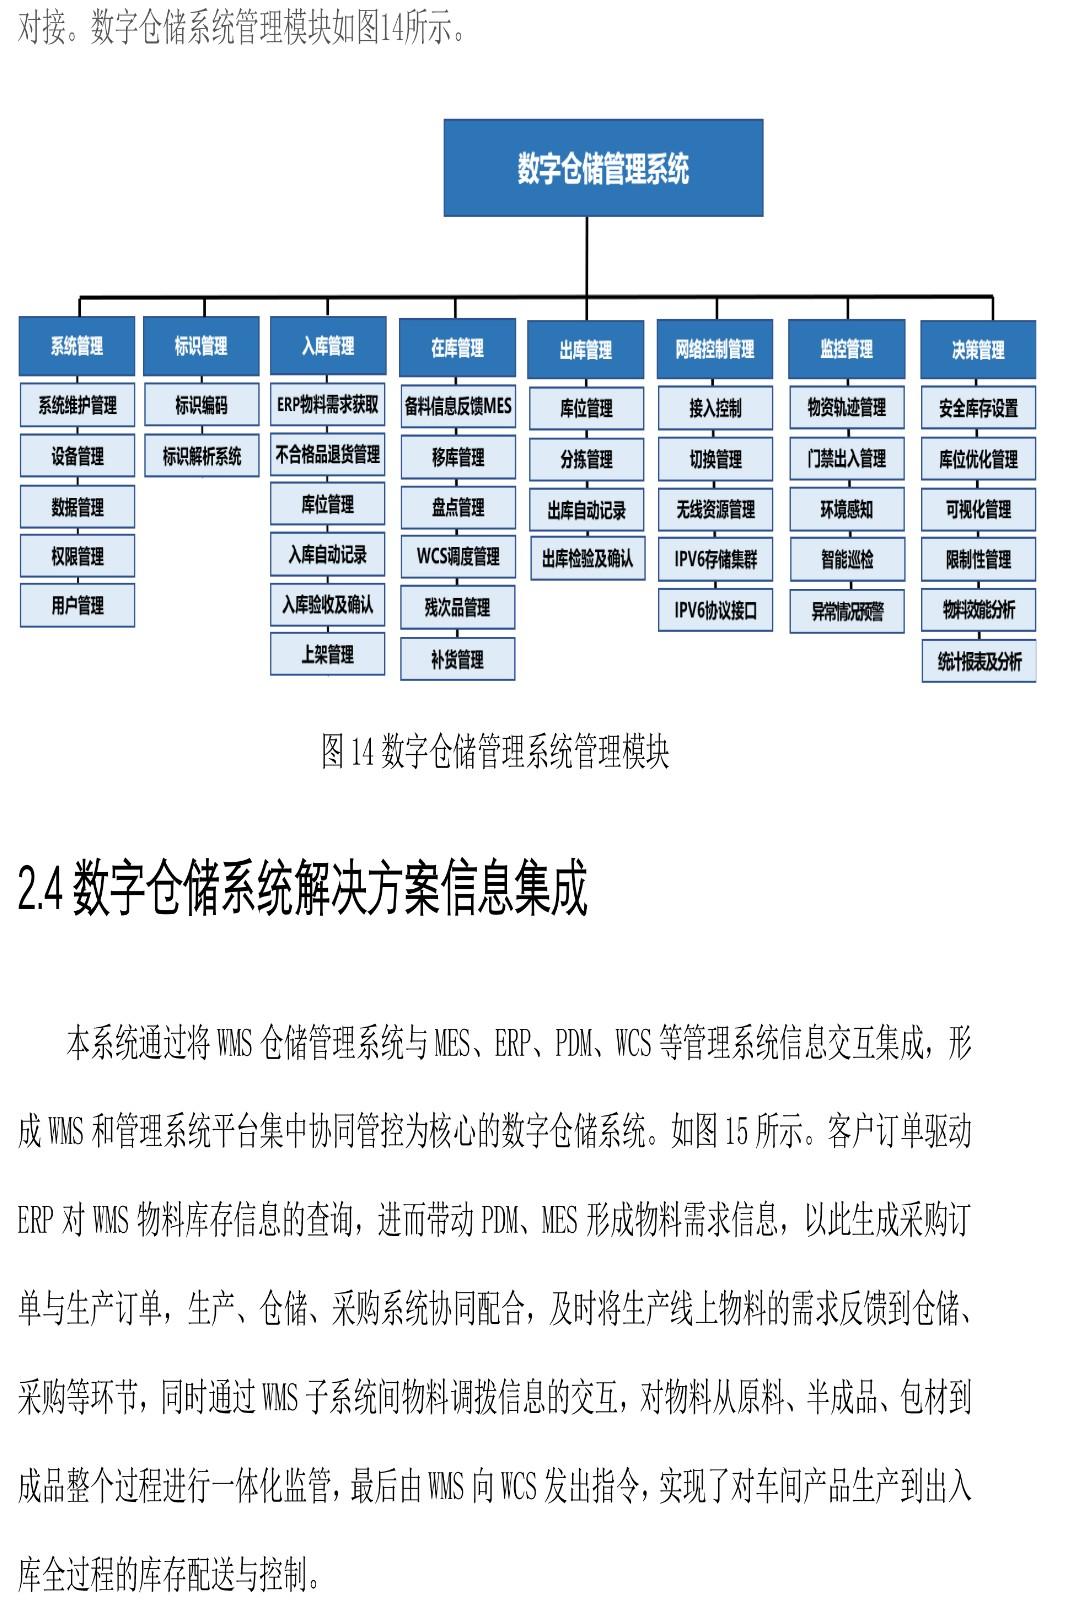 面向智能制造的数字仓储系统解决方案-白皮书V2-12 拷贝.jpg